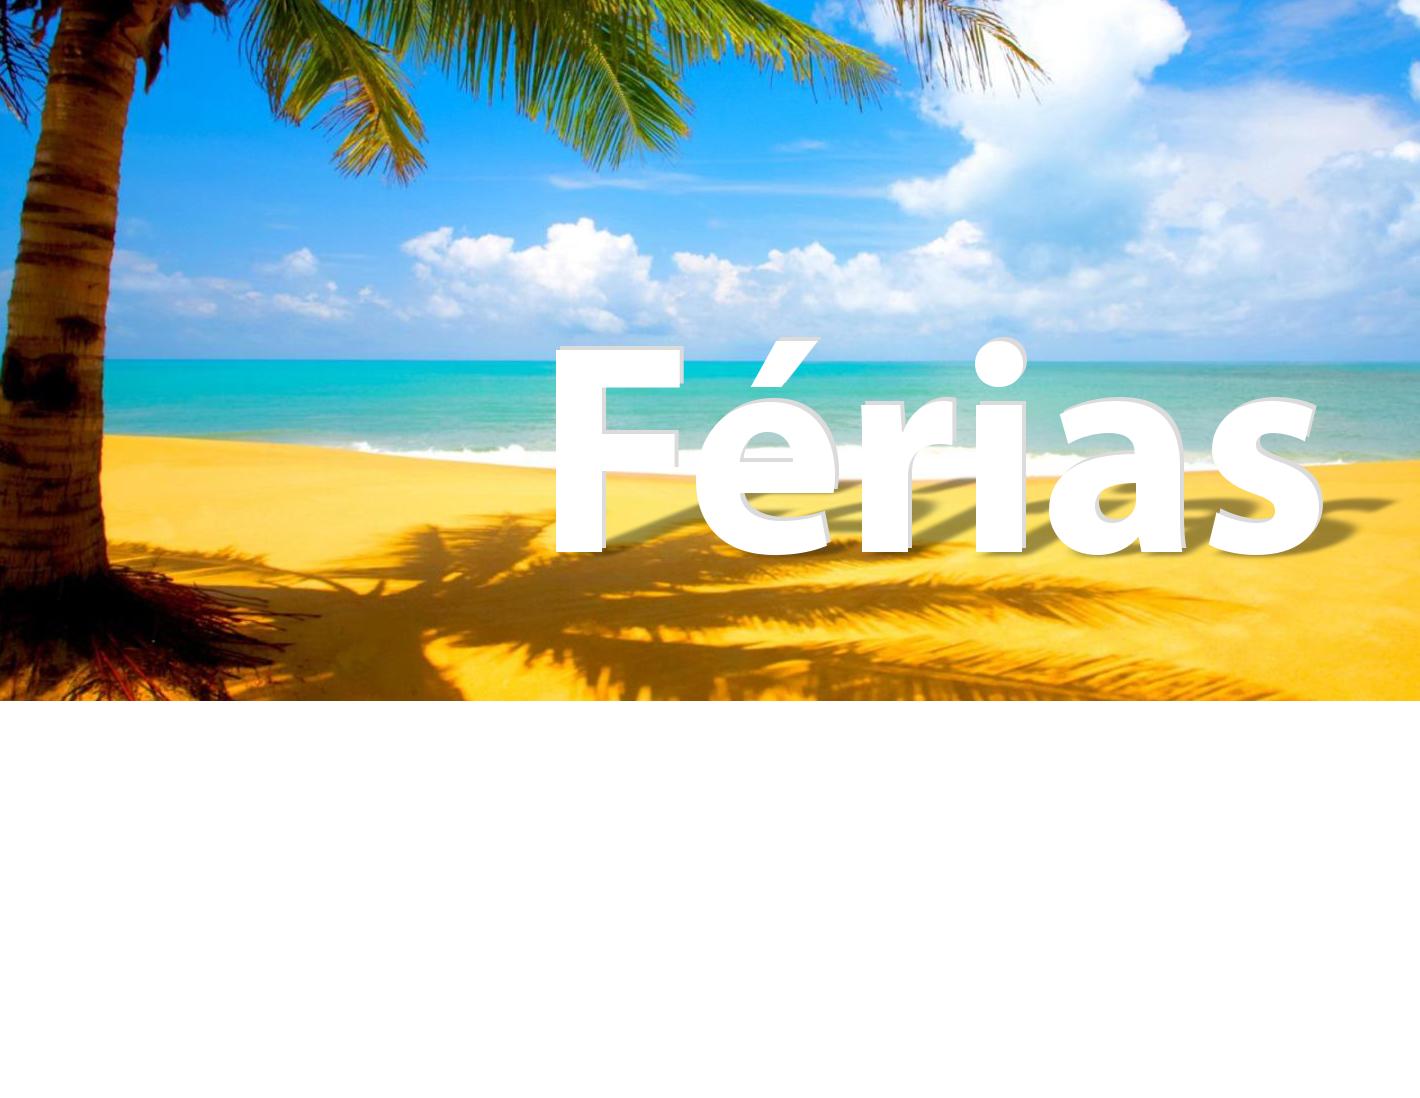 https://www.scmp.pt/assets/misc/F%C3%A9rias/ferias.png